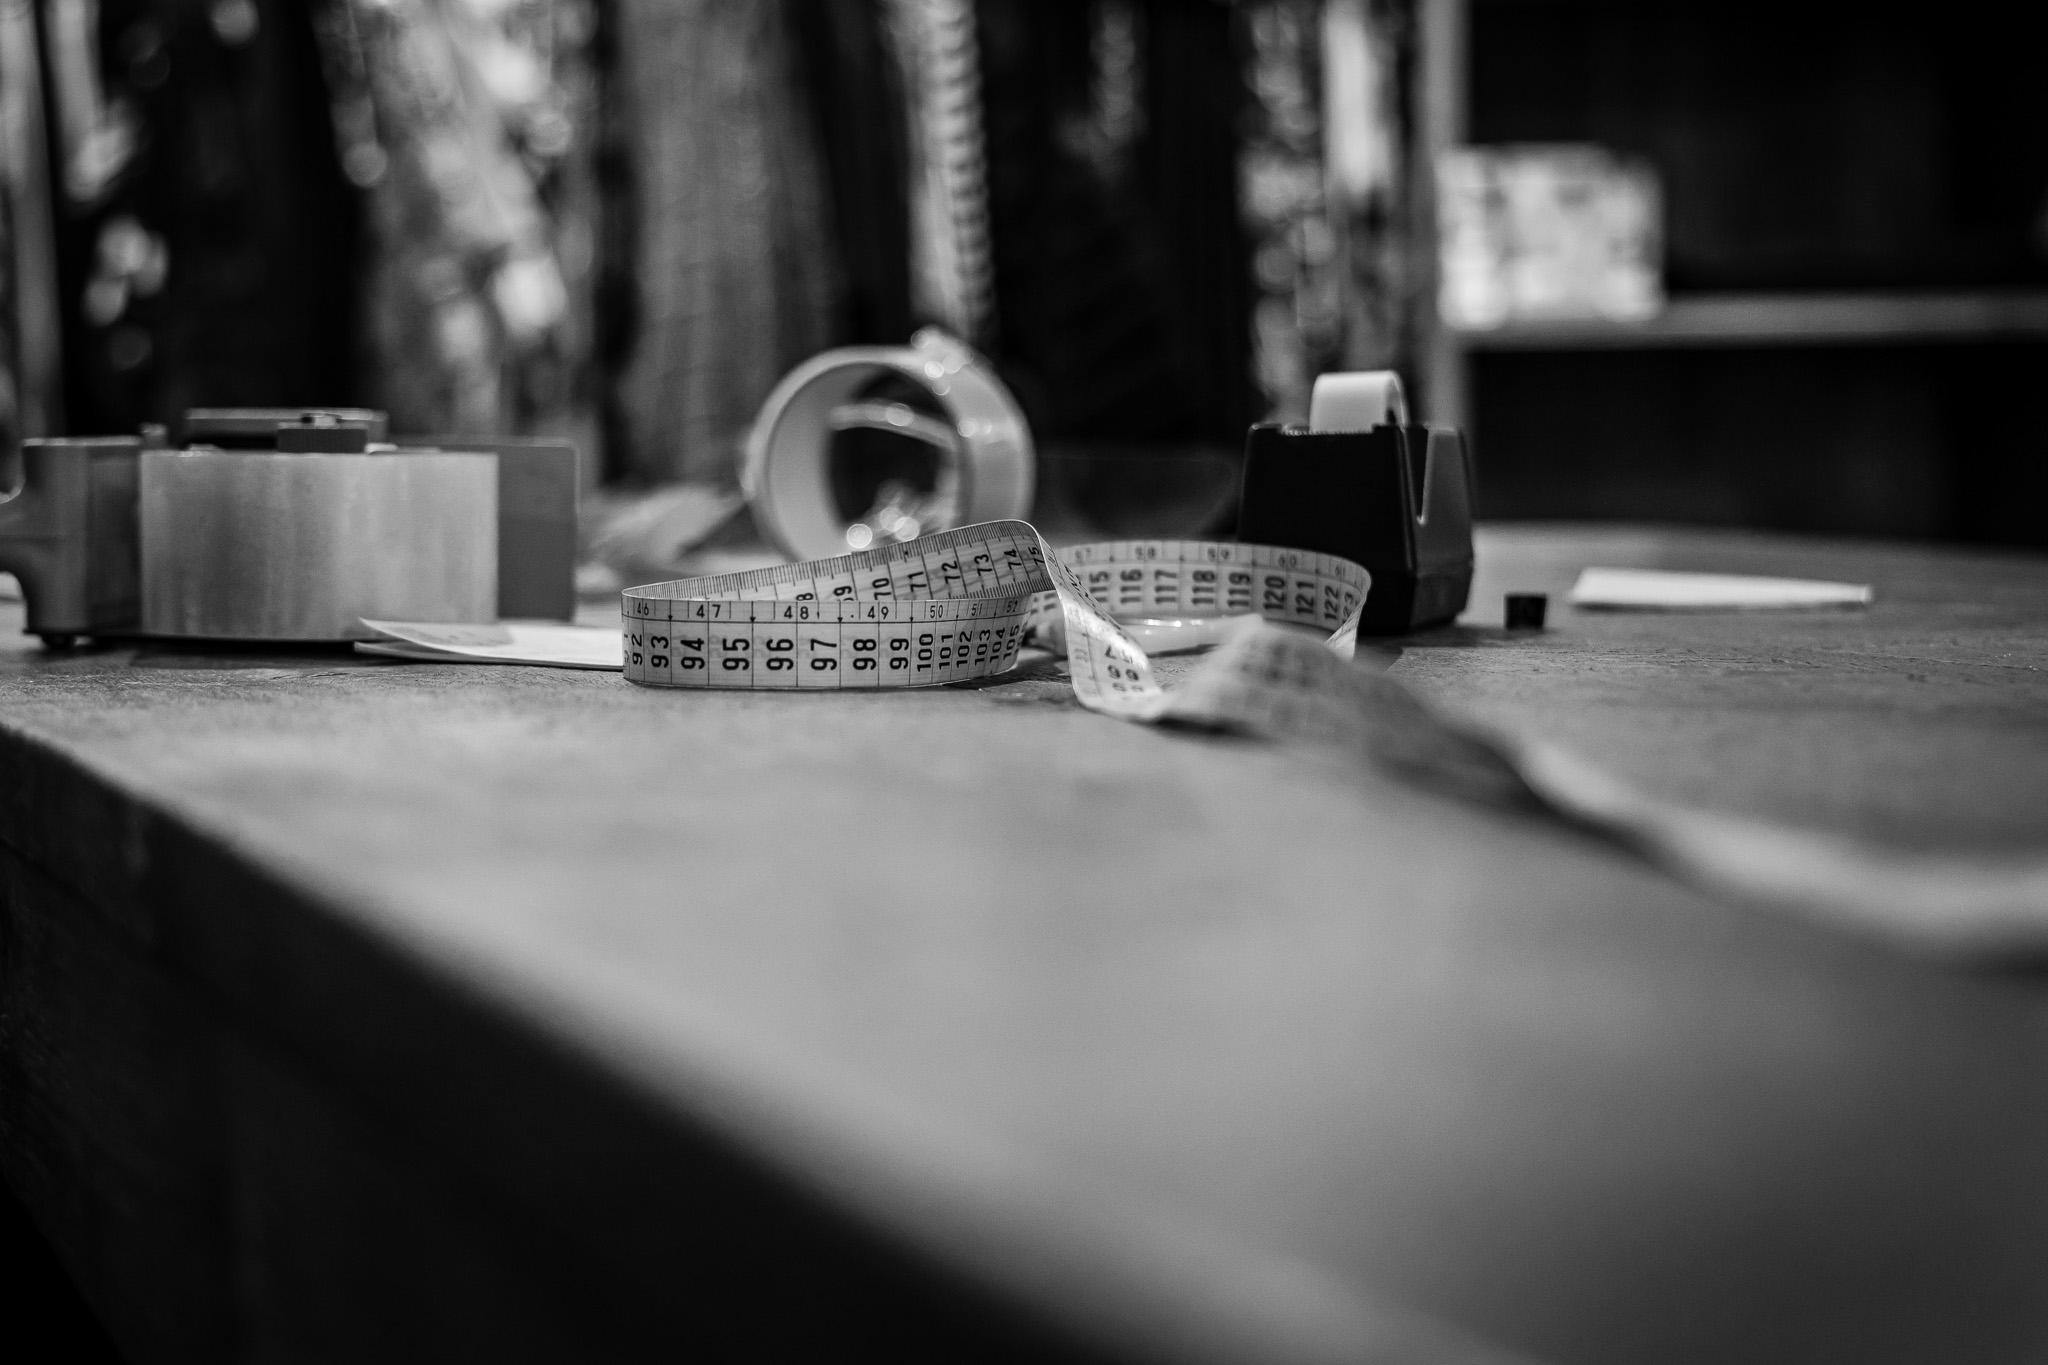 Lockdown in venlo